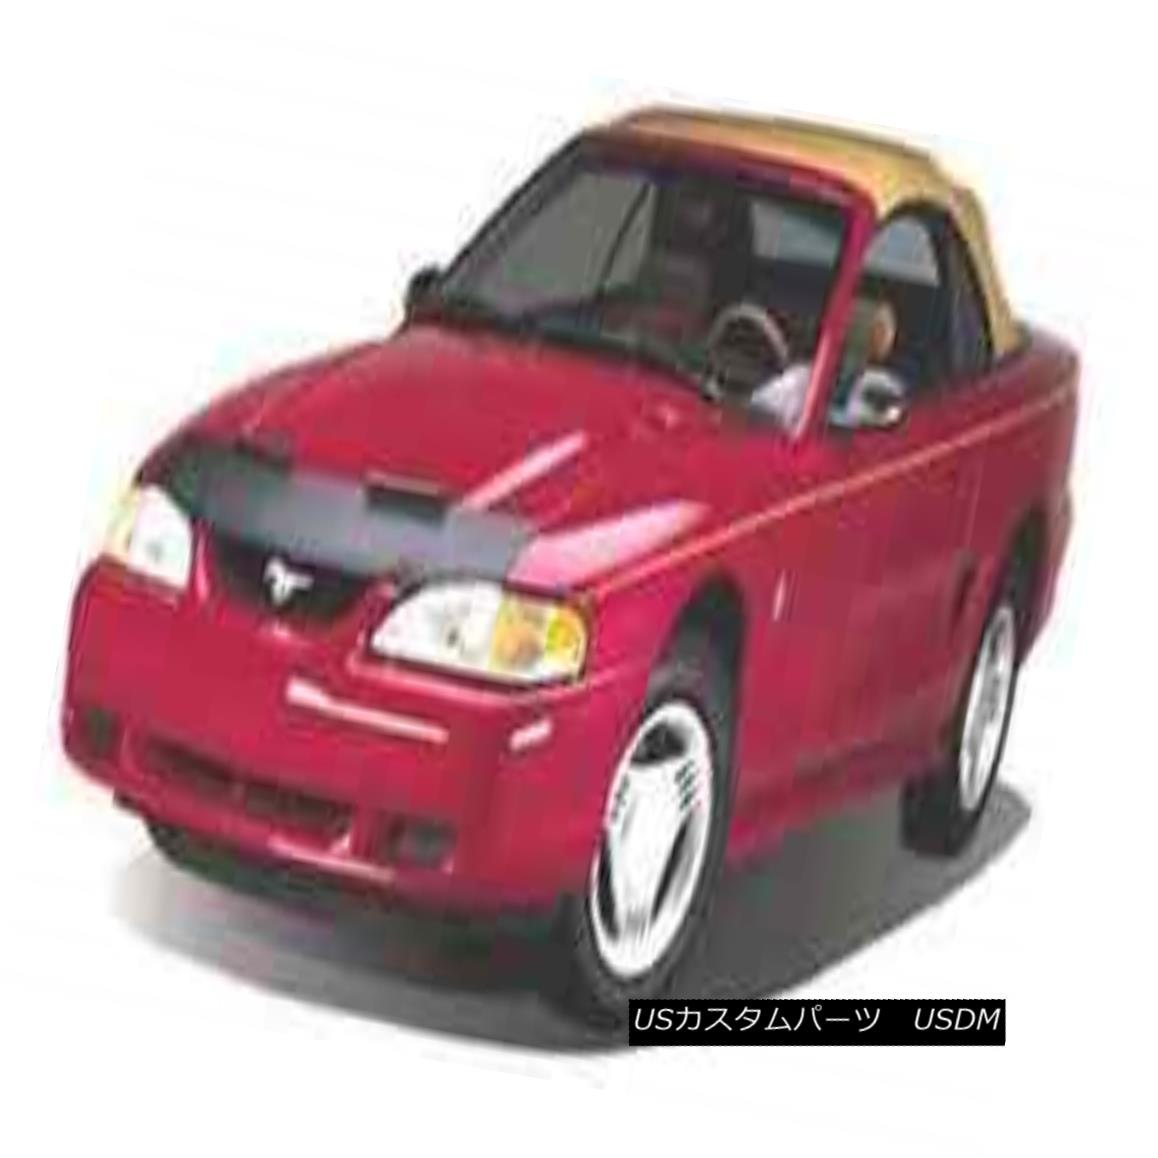 フルブラ ノーズブラ Mini Mask Bra Hood cover Fits 2004-2005 04 05 Honda Civic 2dr & 4dr ミニマスクブラジャーフードカバーフィット2004-2005 04 05ホンダシビック2dr& 4dr